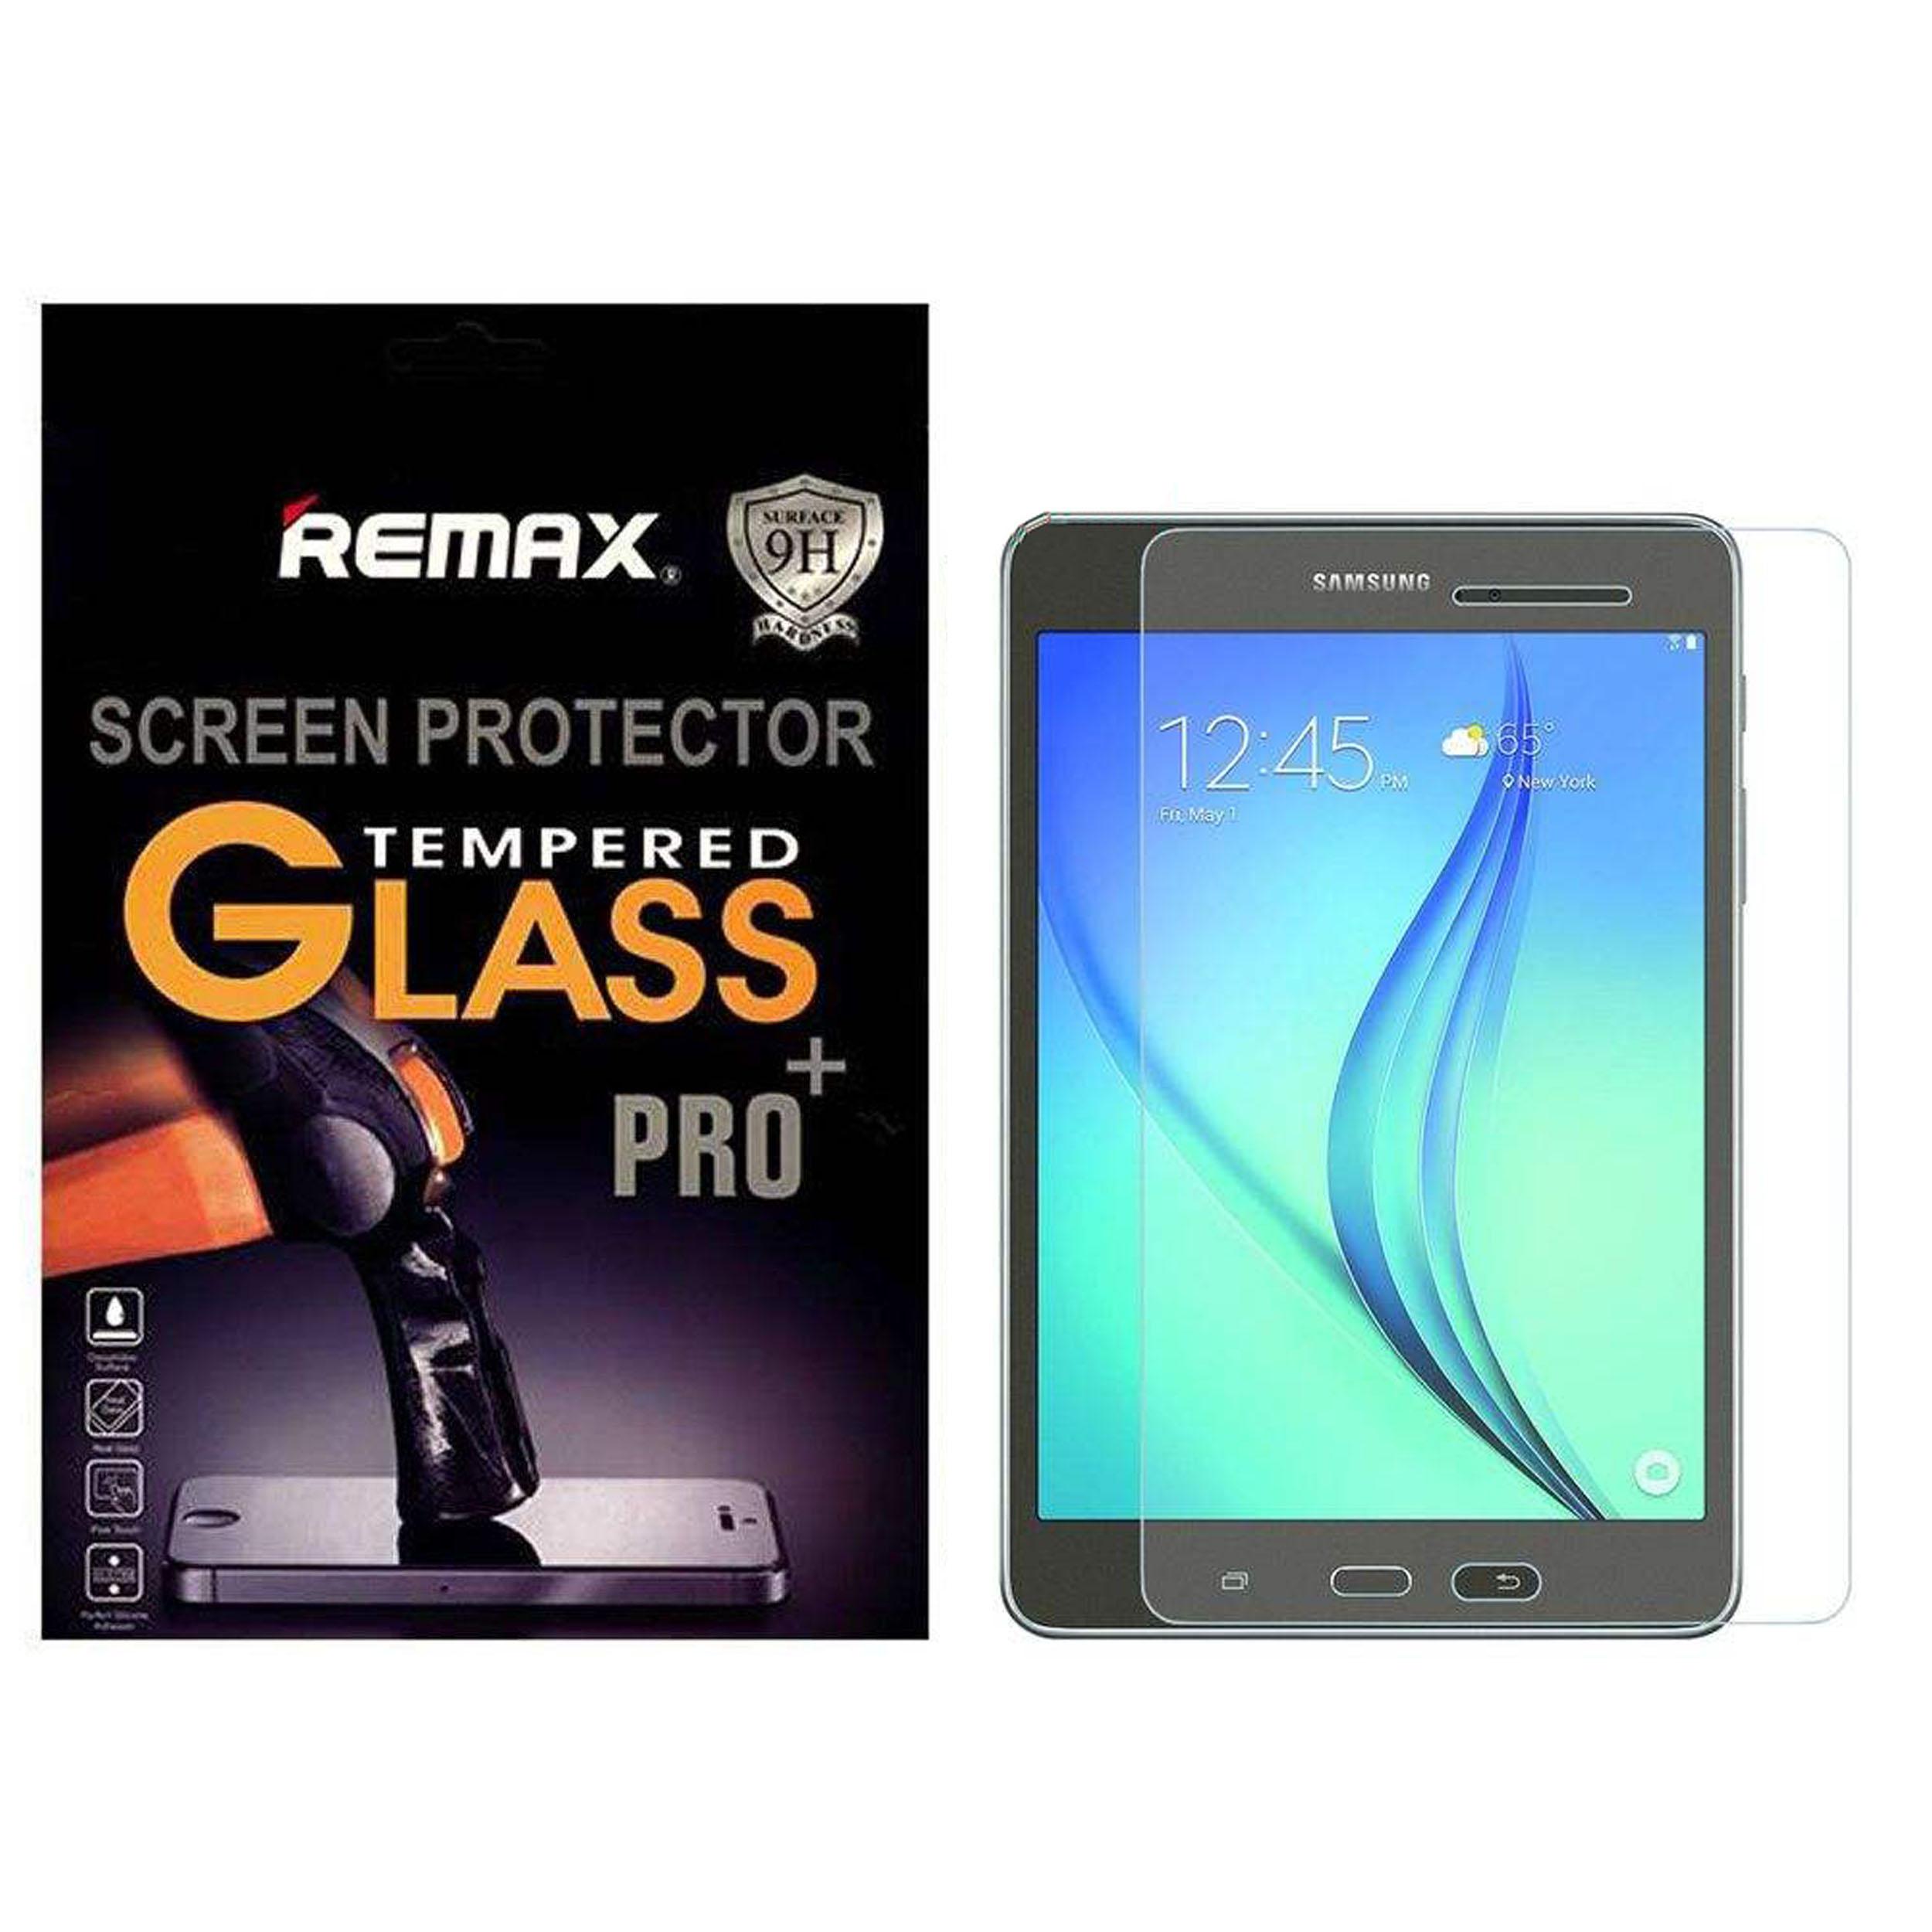 محافظ صفحه نمایش ریمکس مدل AS140001 مناسب برای تبلت سامسونگ Galaxy Tab 8 T350/T355